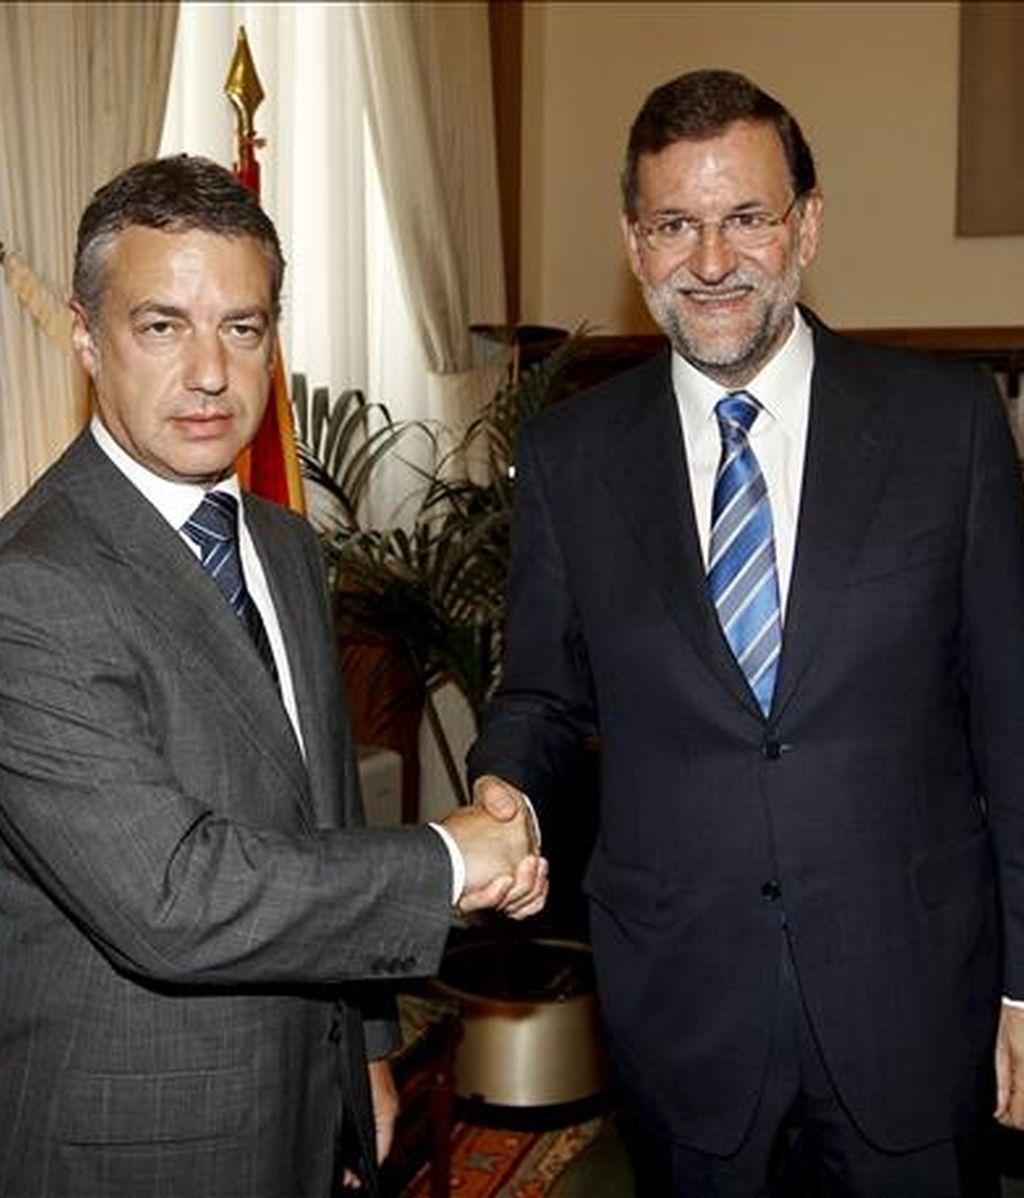 El presidente del PP, Mariano Rajoy (d), y el líder del PNV, Iñigo Urkullu, se saludan momentos antes de mantener, hoy en el Congreso, su primera reunión de carácter oficial con el objetivo de normalizar los vínculos entre ambos partidos tras las tensas relaciones que han mantenido durante años. EFE